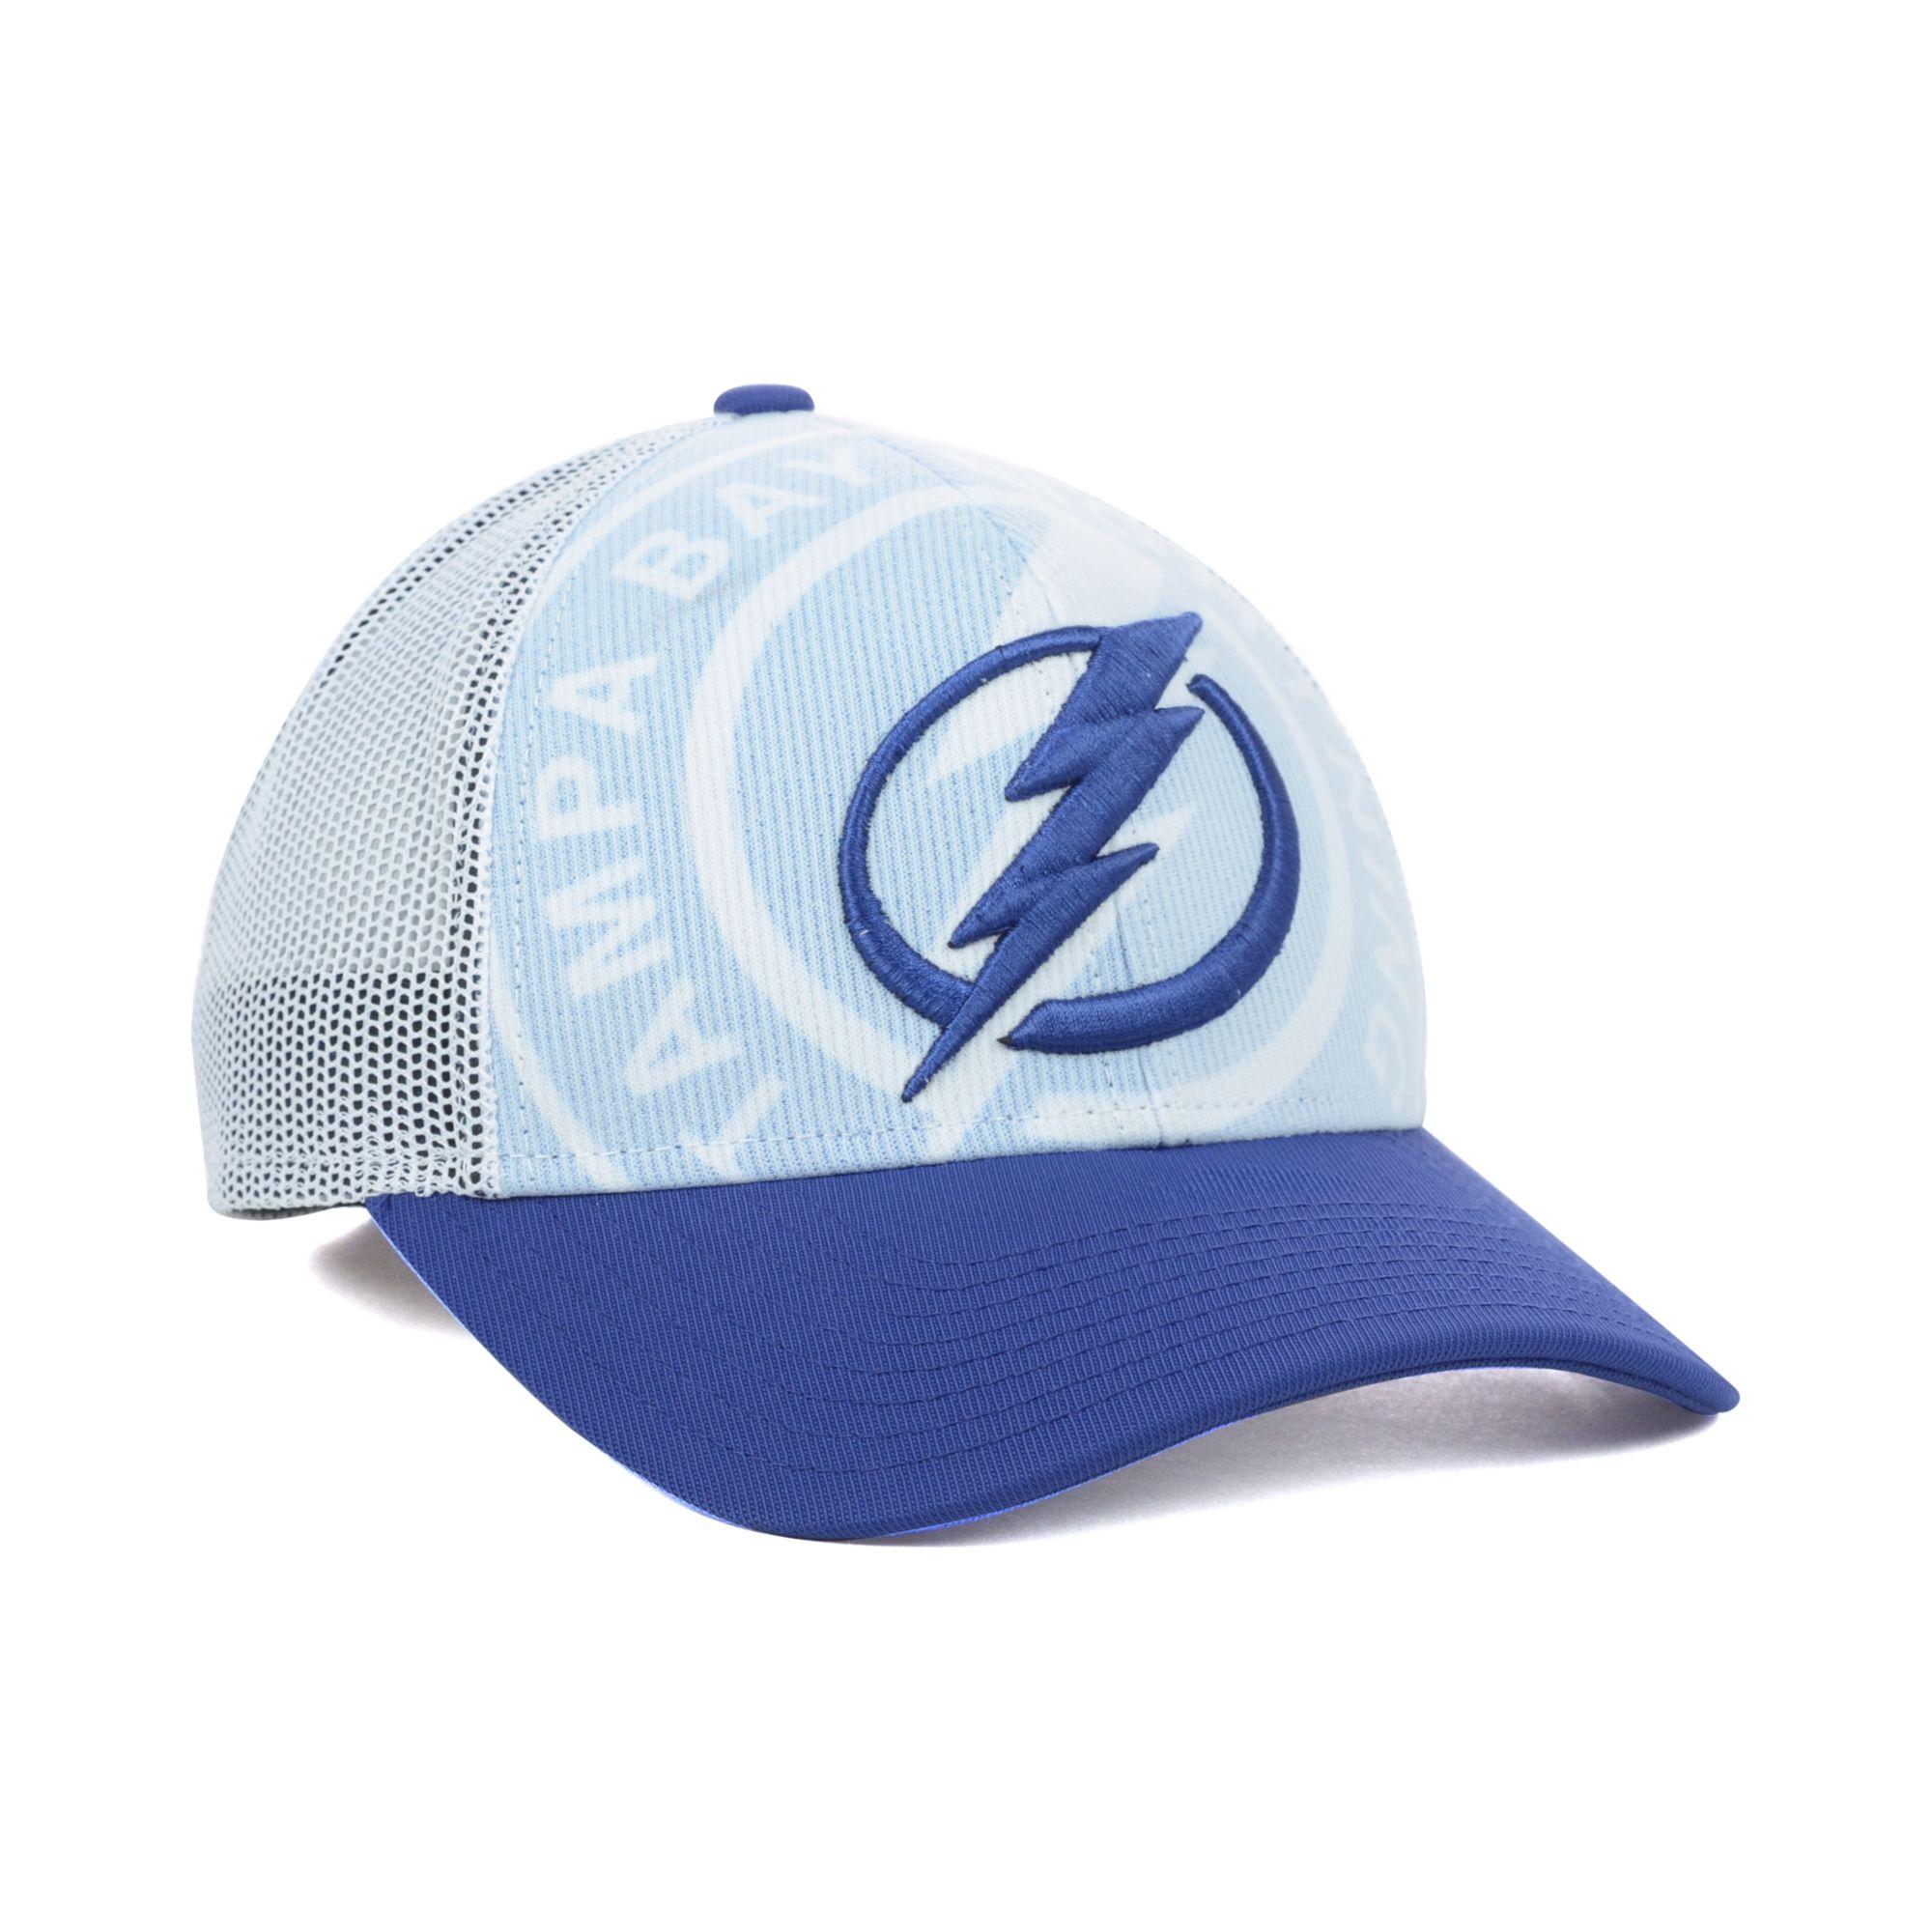 finest selection f0b7e d2e07 824b3 3e62b  where to buy lyst reebok tampa bay lightning nhl draft cap in  blue for men 94c10